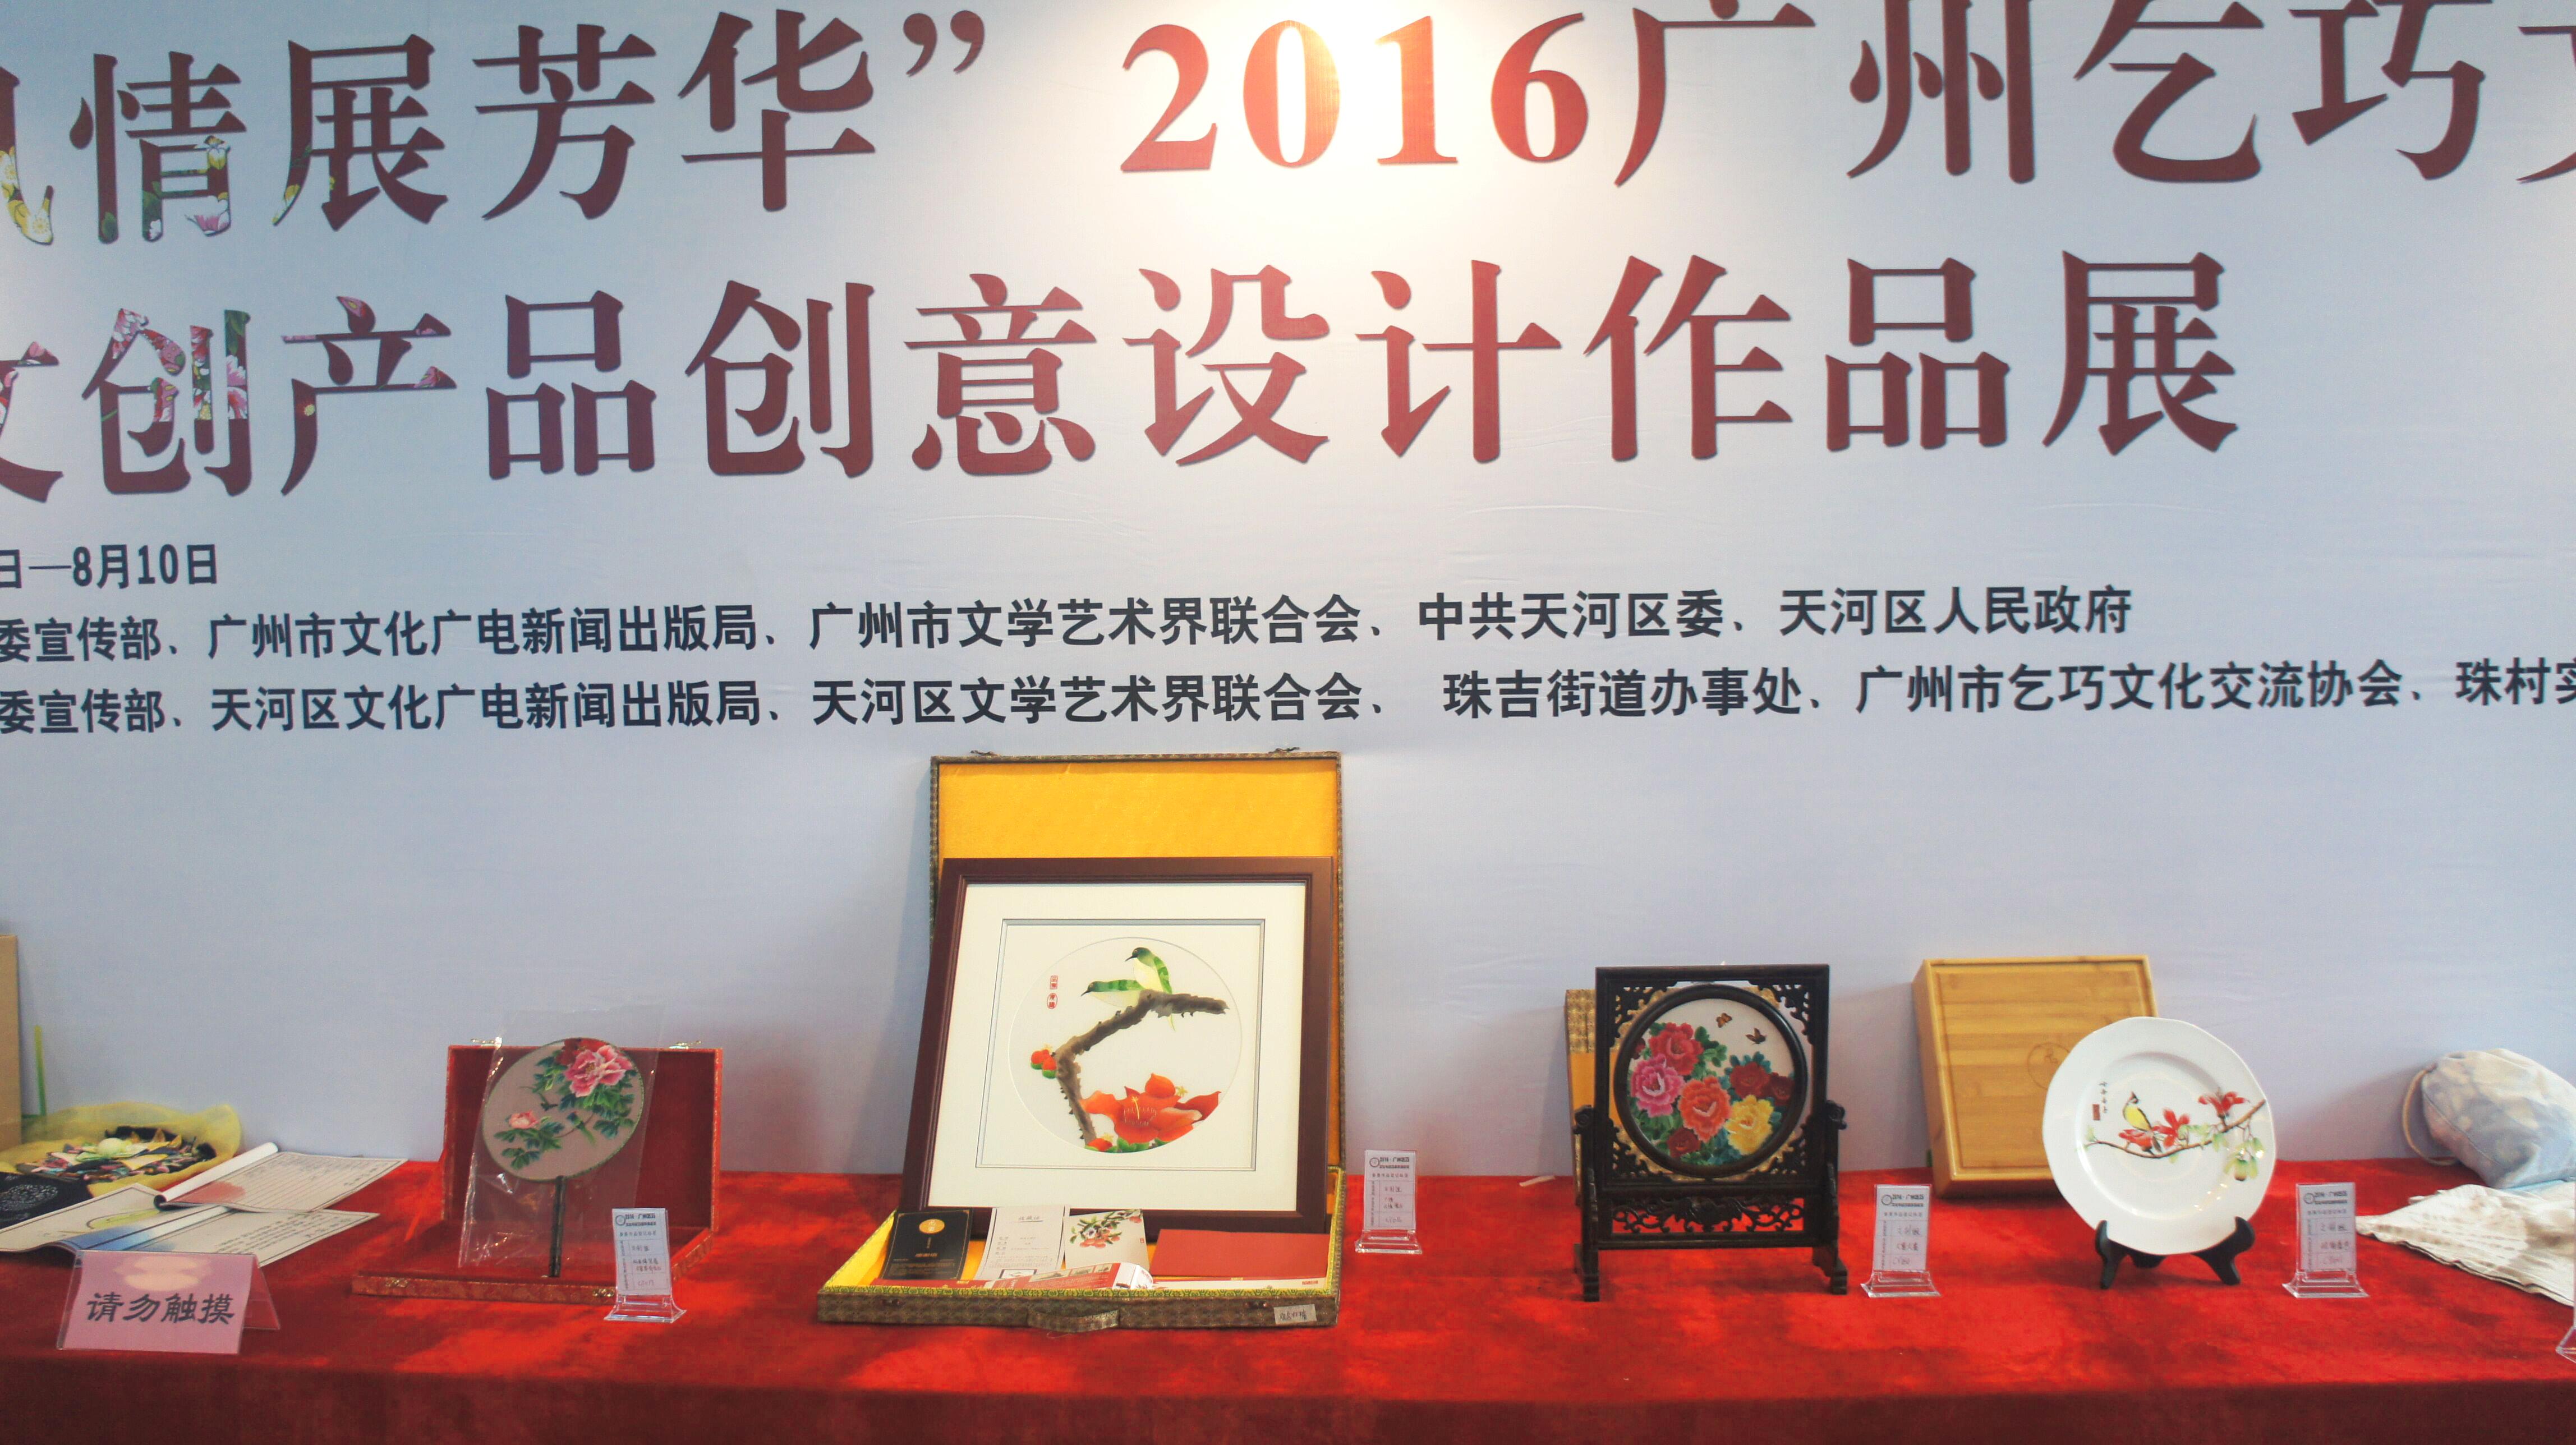 一些手工制作的传统工艺品的摊位前挤满了人,经过一个广州手信礼品店